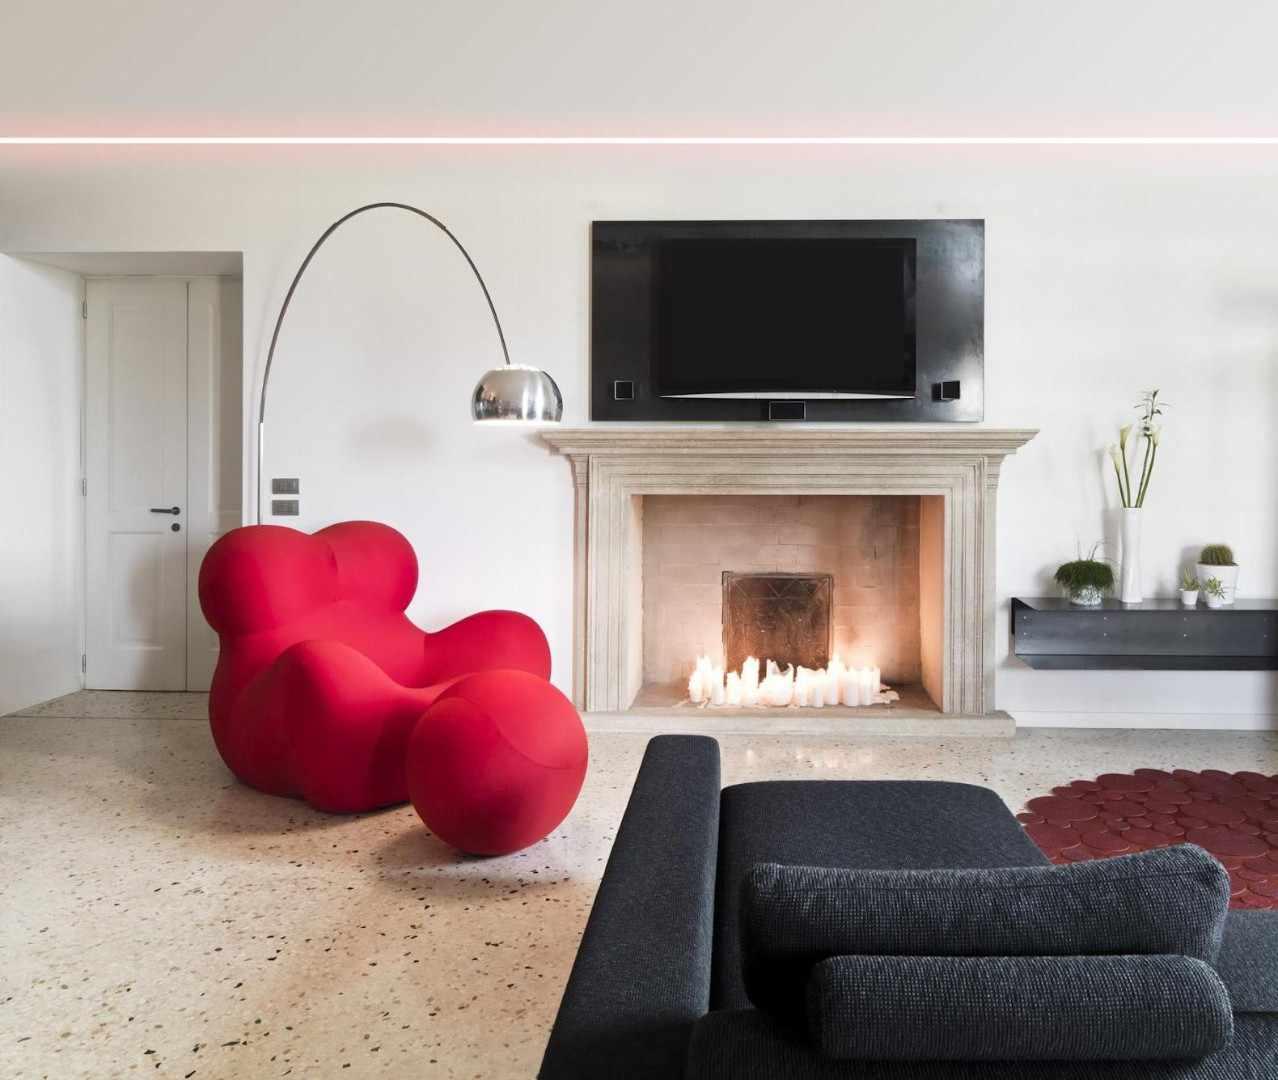 Мягкая мебель в интерьере в стиле контемпорари